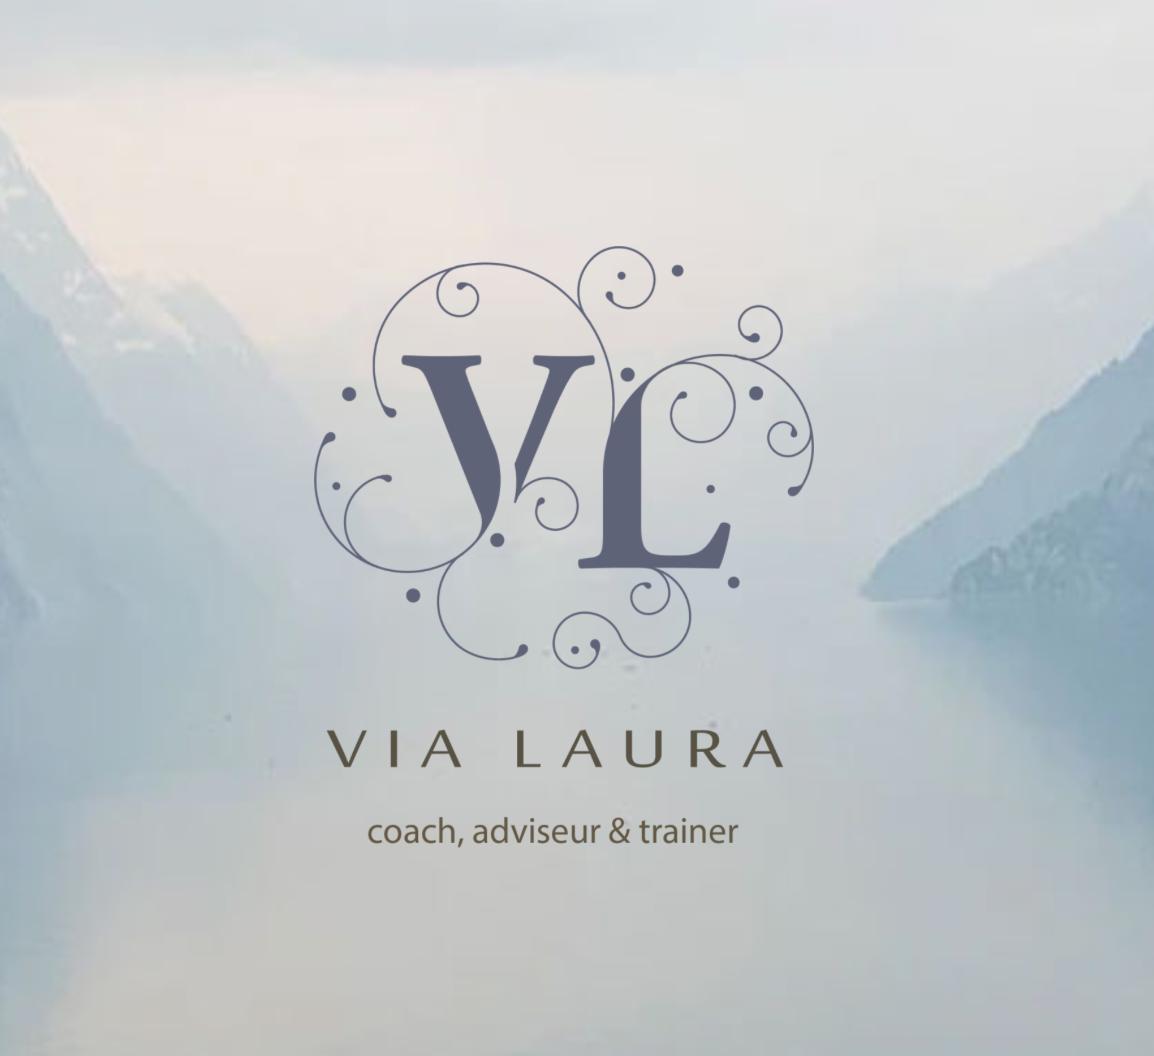 Bouw websitevoorVia Laura, Coach, adviseur, trainer Site .Wordpress.Ontwerp